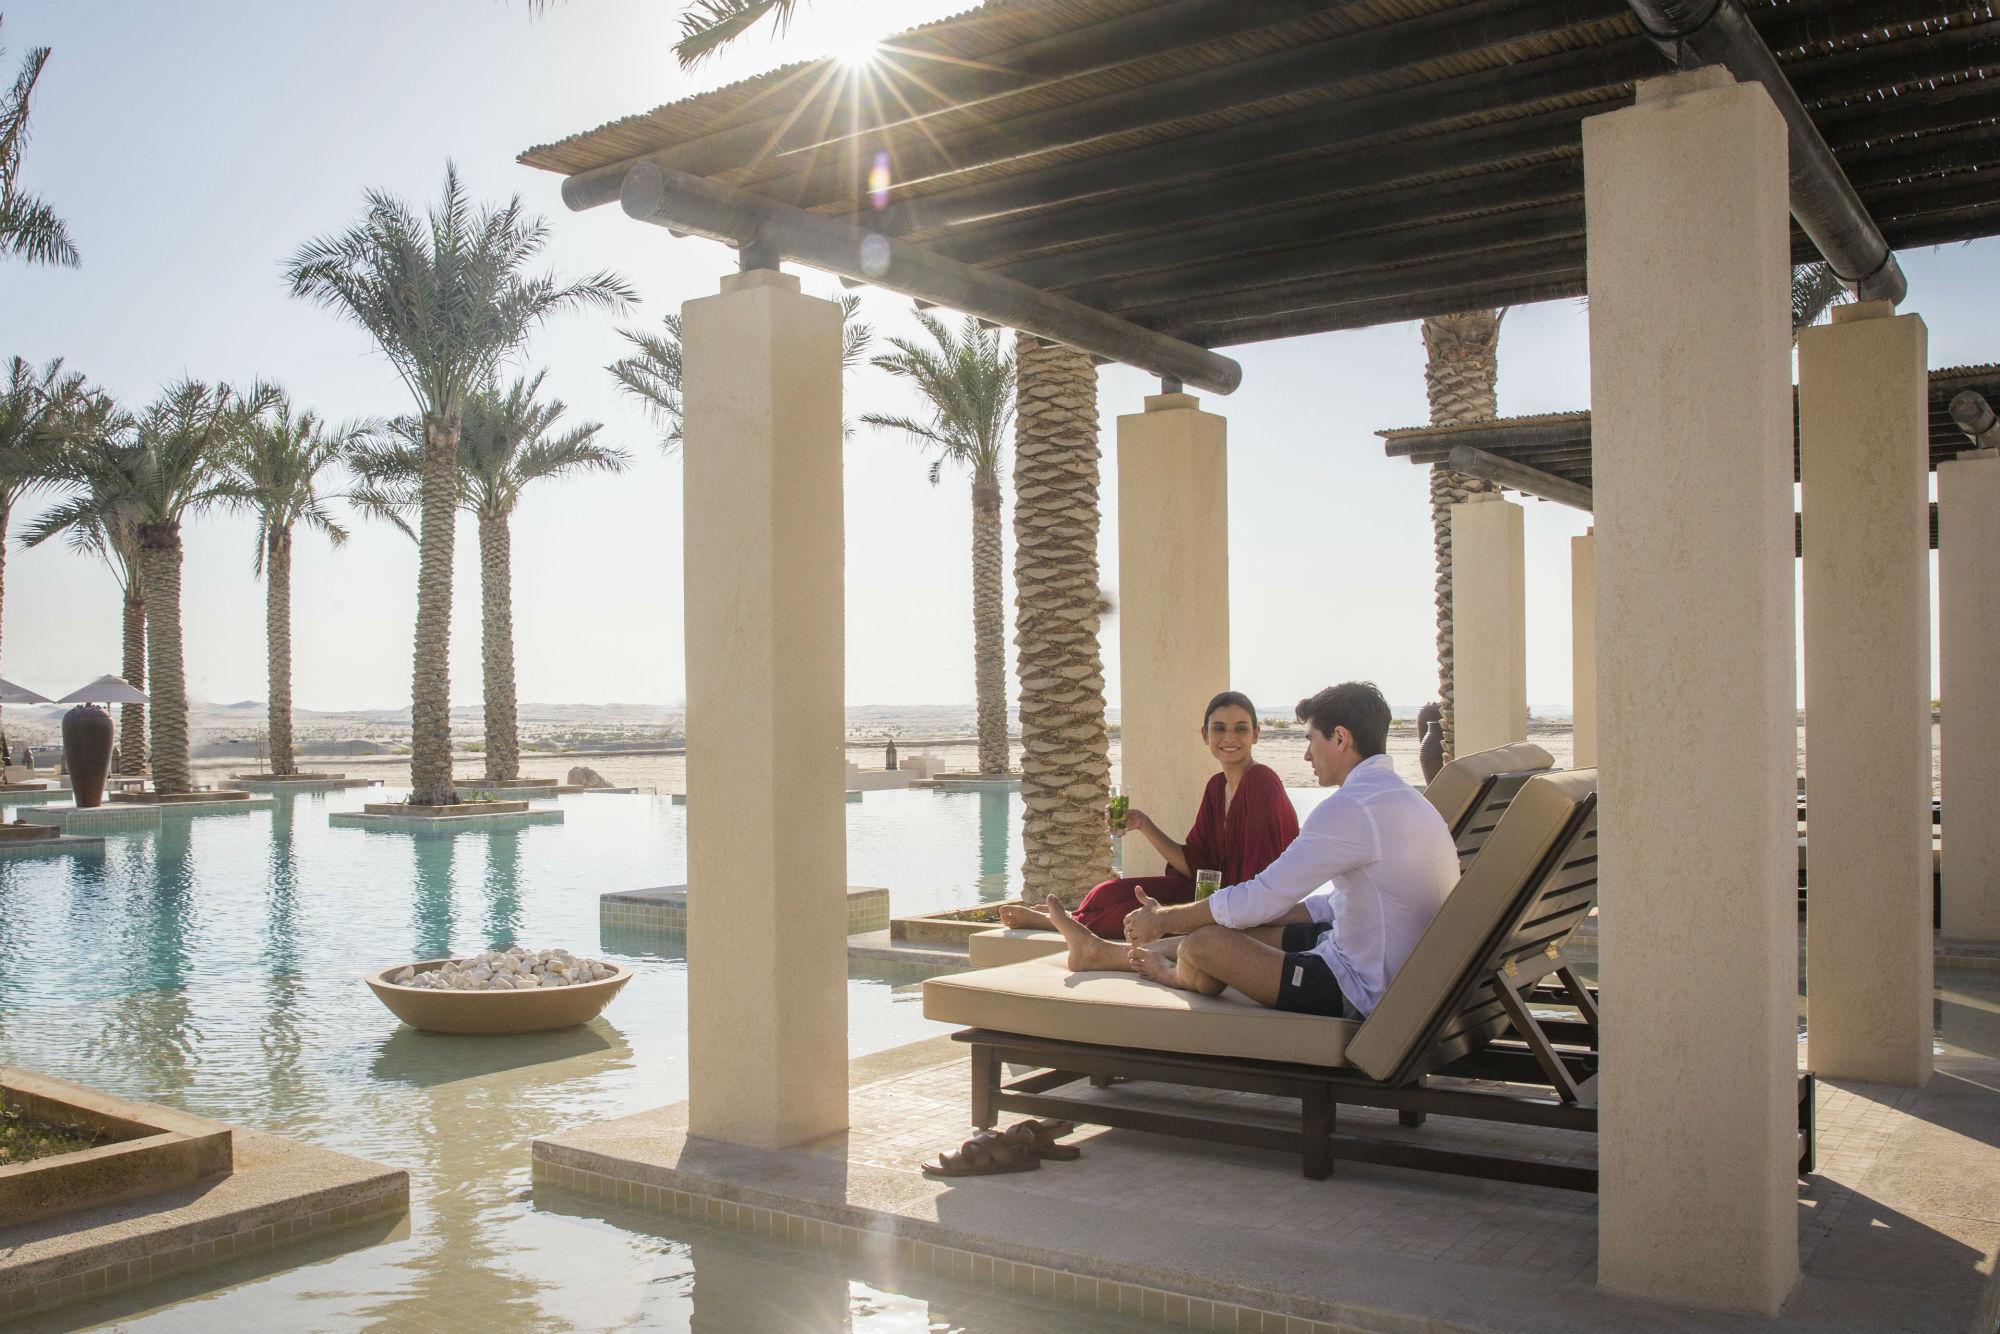 A&E enjoys a desert escape in Abu Dhabi's Jumeirah Al Wathba Desert Resort & Spa